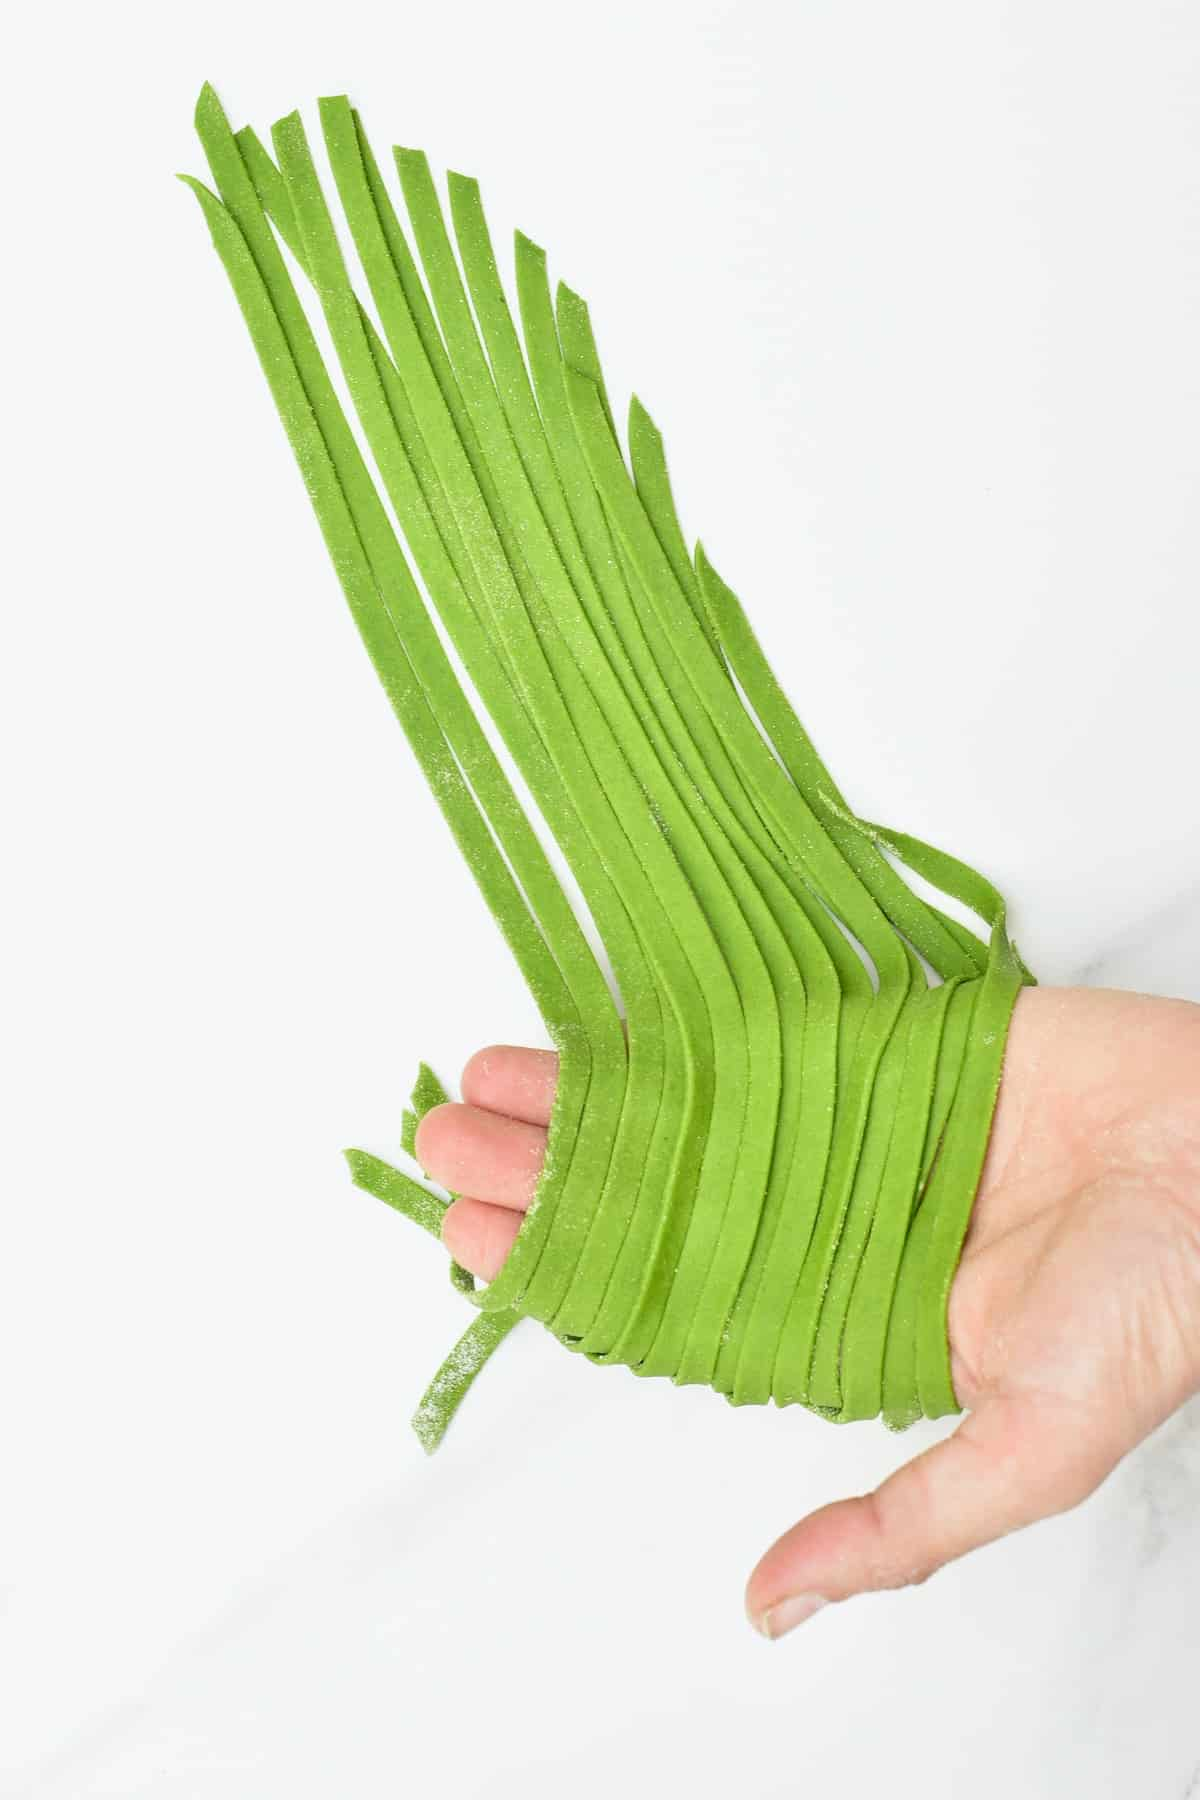 Spinach pasta cut into Tagliatelle